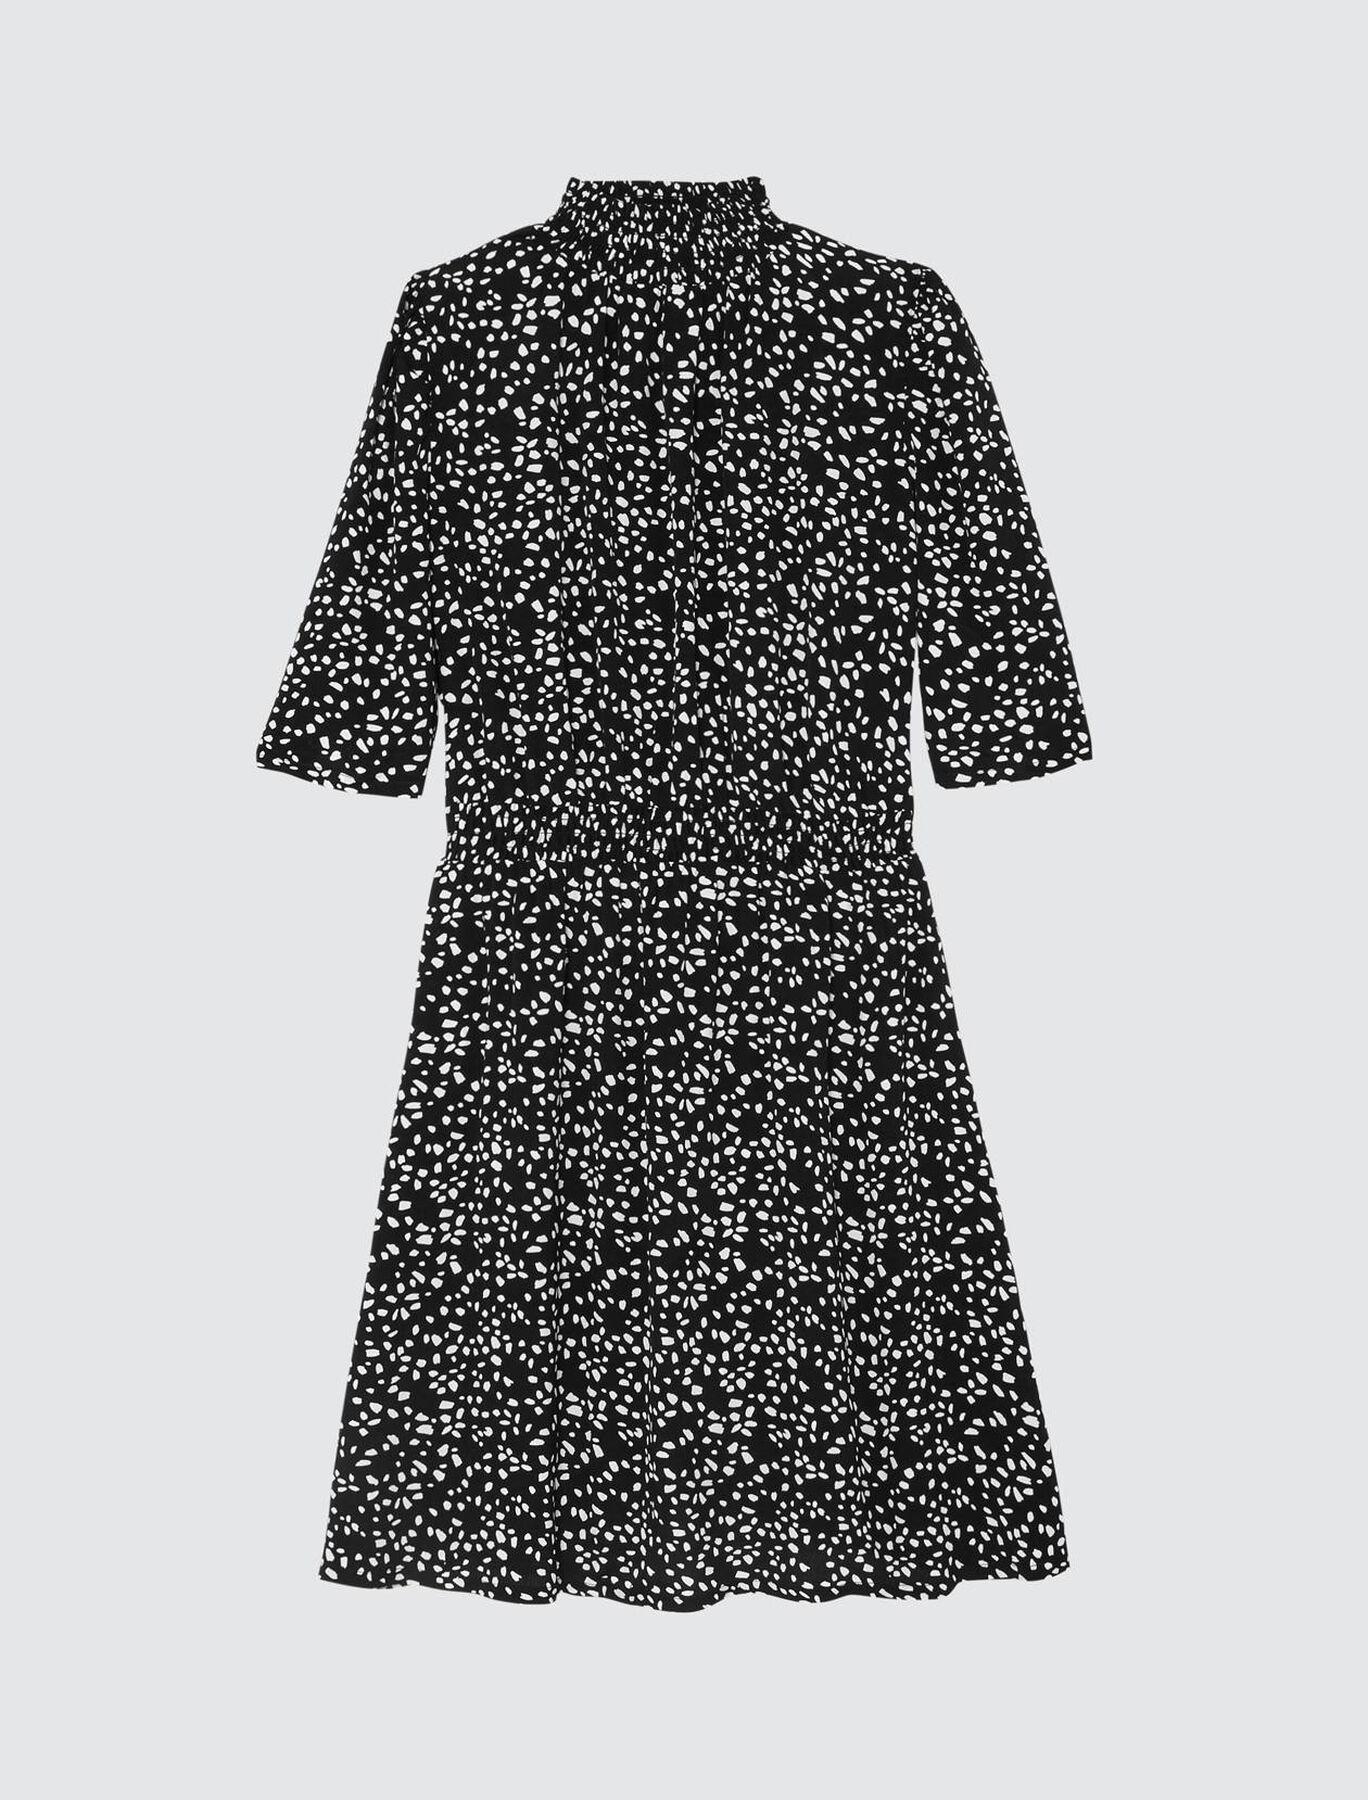 Robe Courte Fluide Col Montant Imprimée Pois